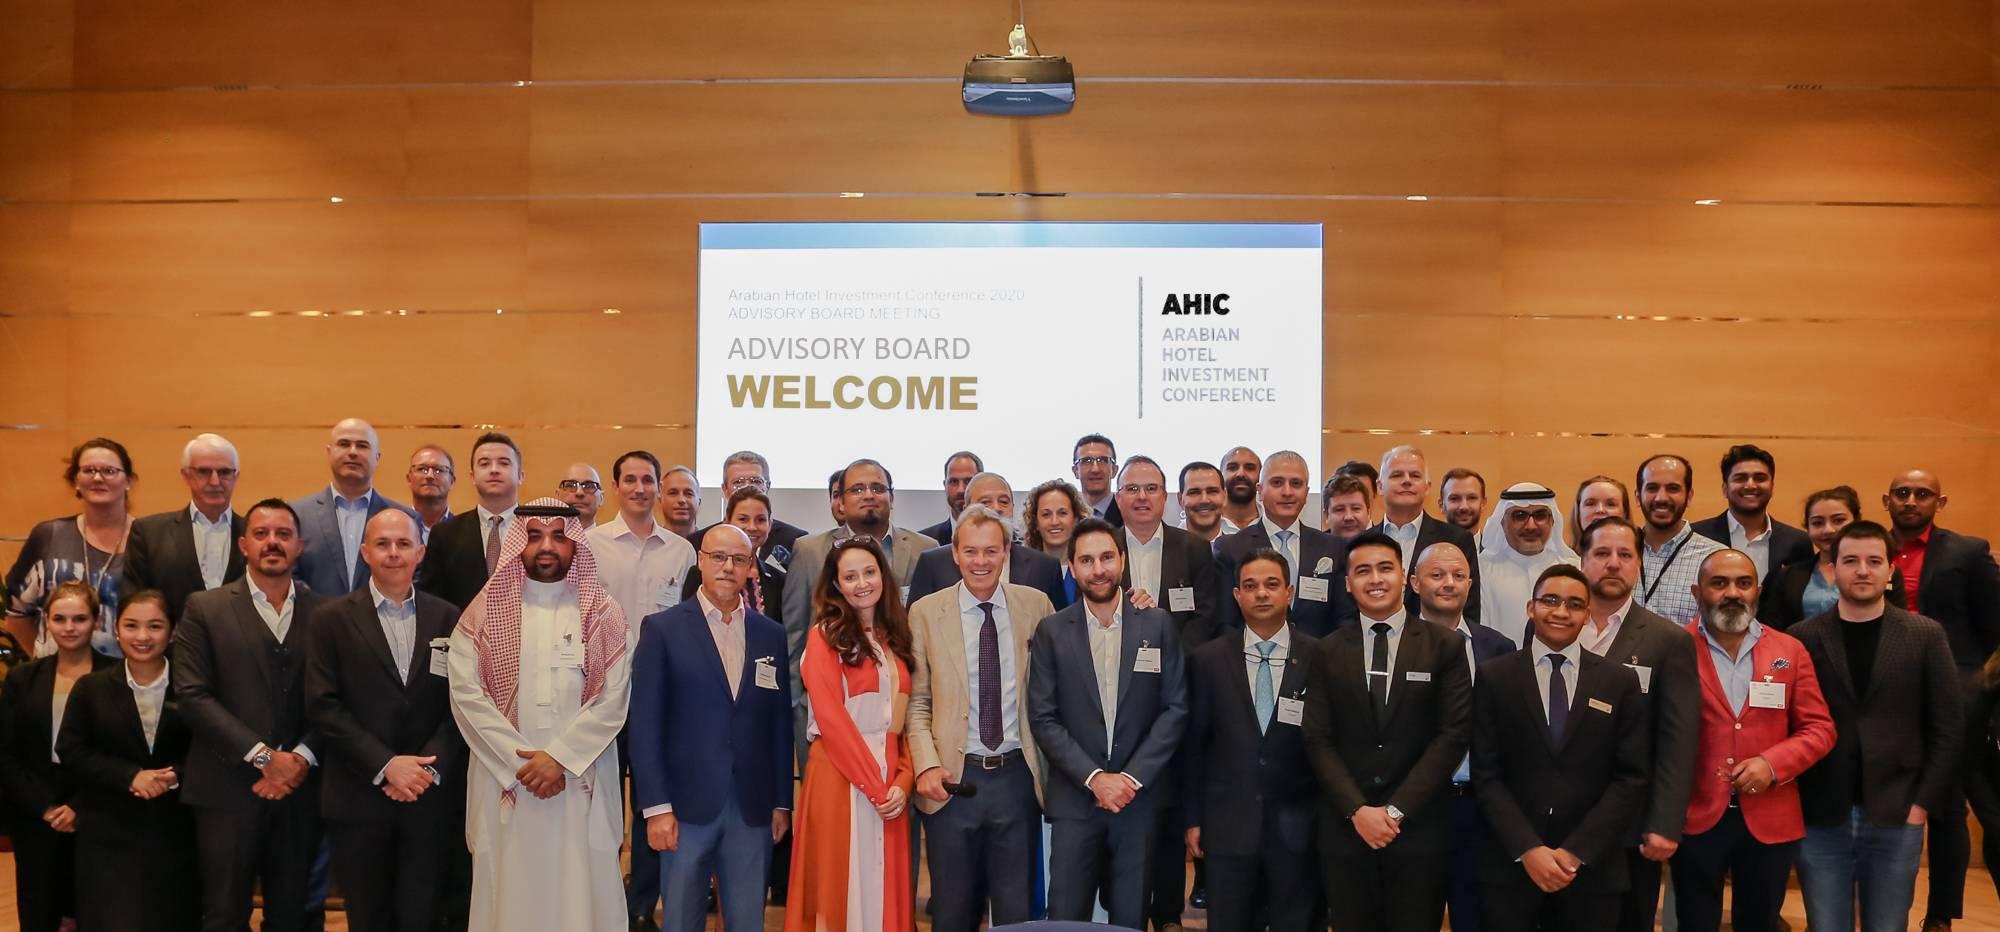 AHIC 2020 Advisory Board